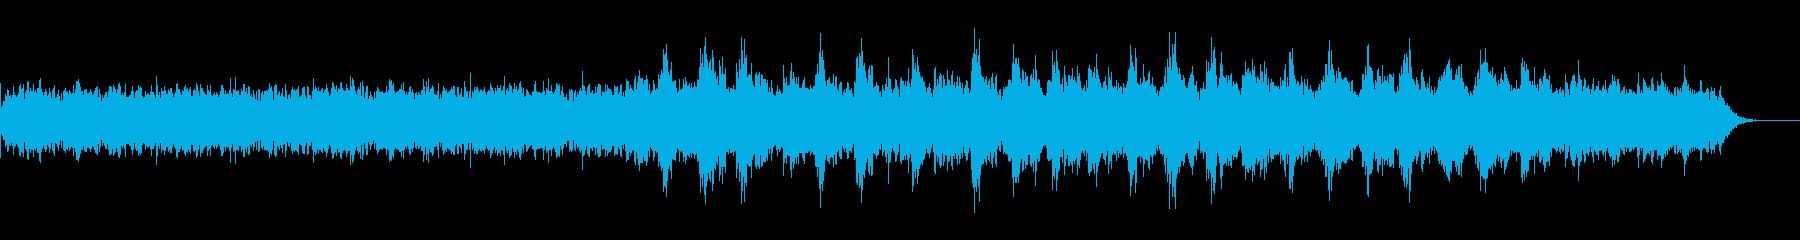 癒し/ヒーリング/リラクゼーションの再生済みの波形